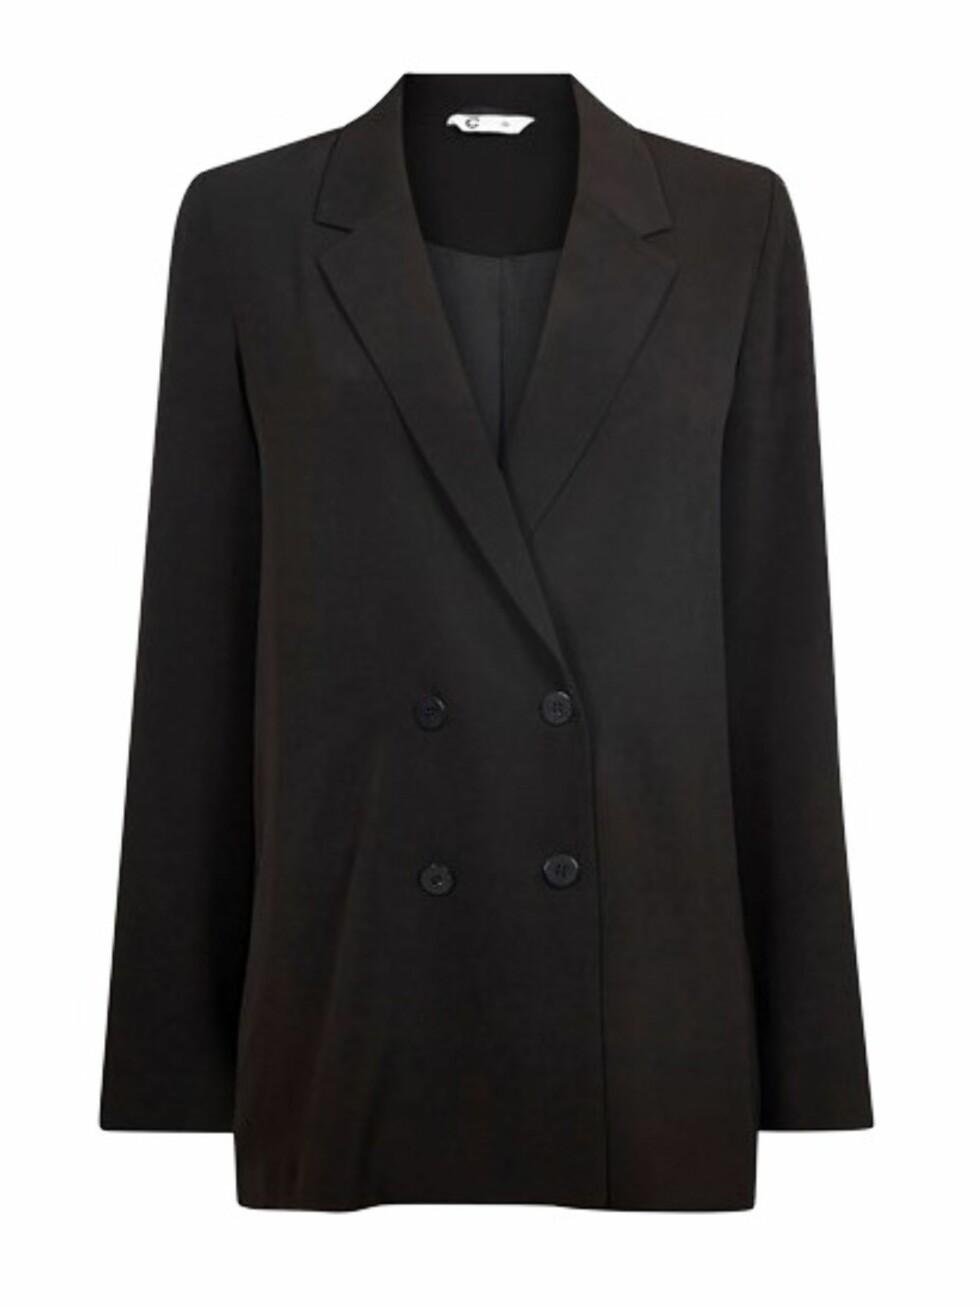 Blazer fra Cubus |399,-|https://cubus.com/no/p/yttertoy/blazere/jumi-dobbelspent-blazer/7217852_F990